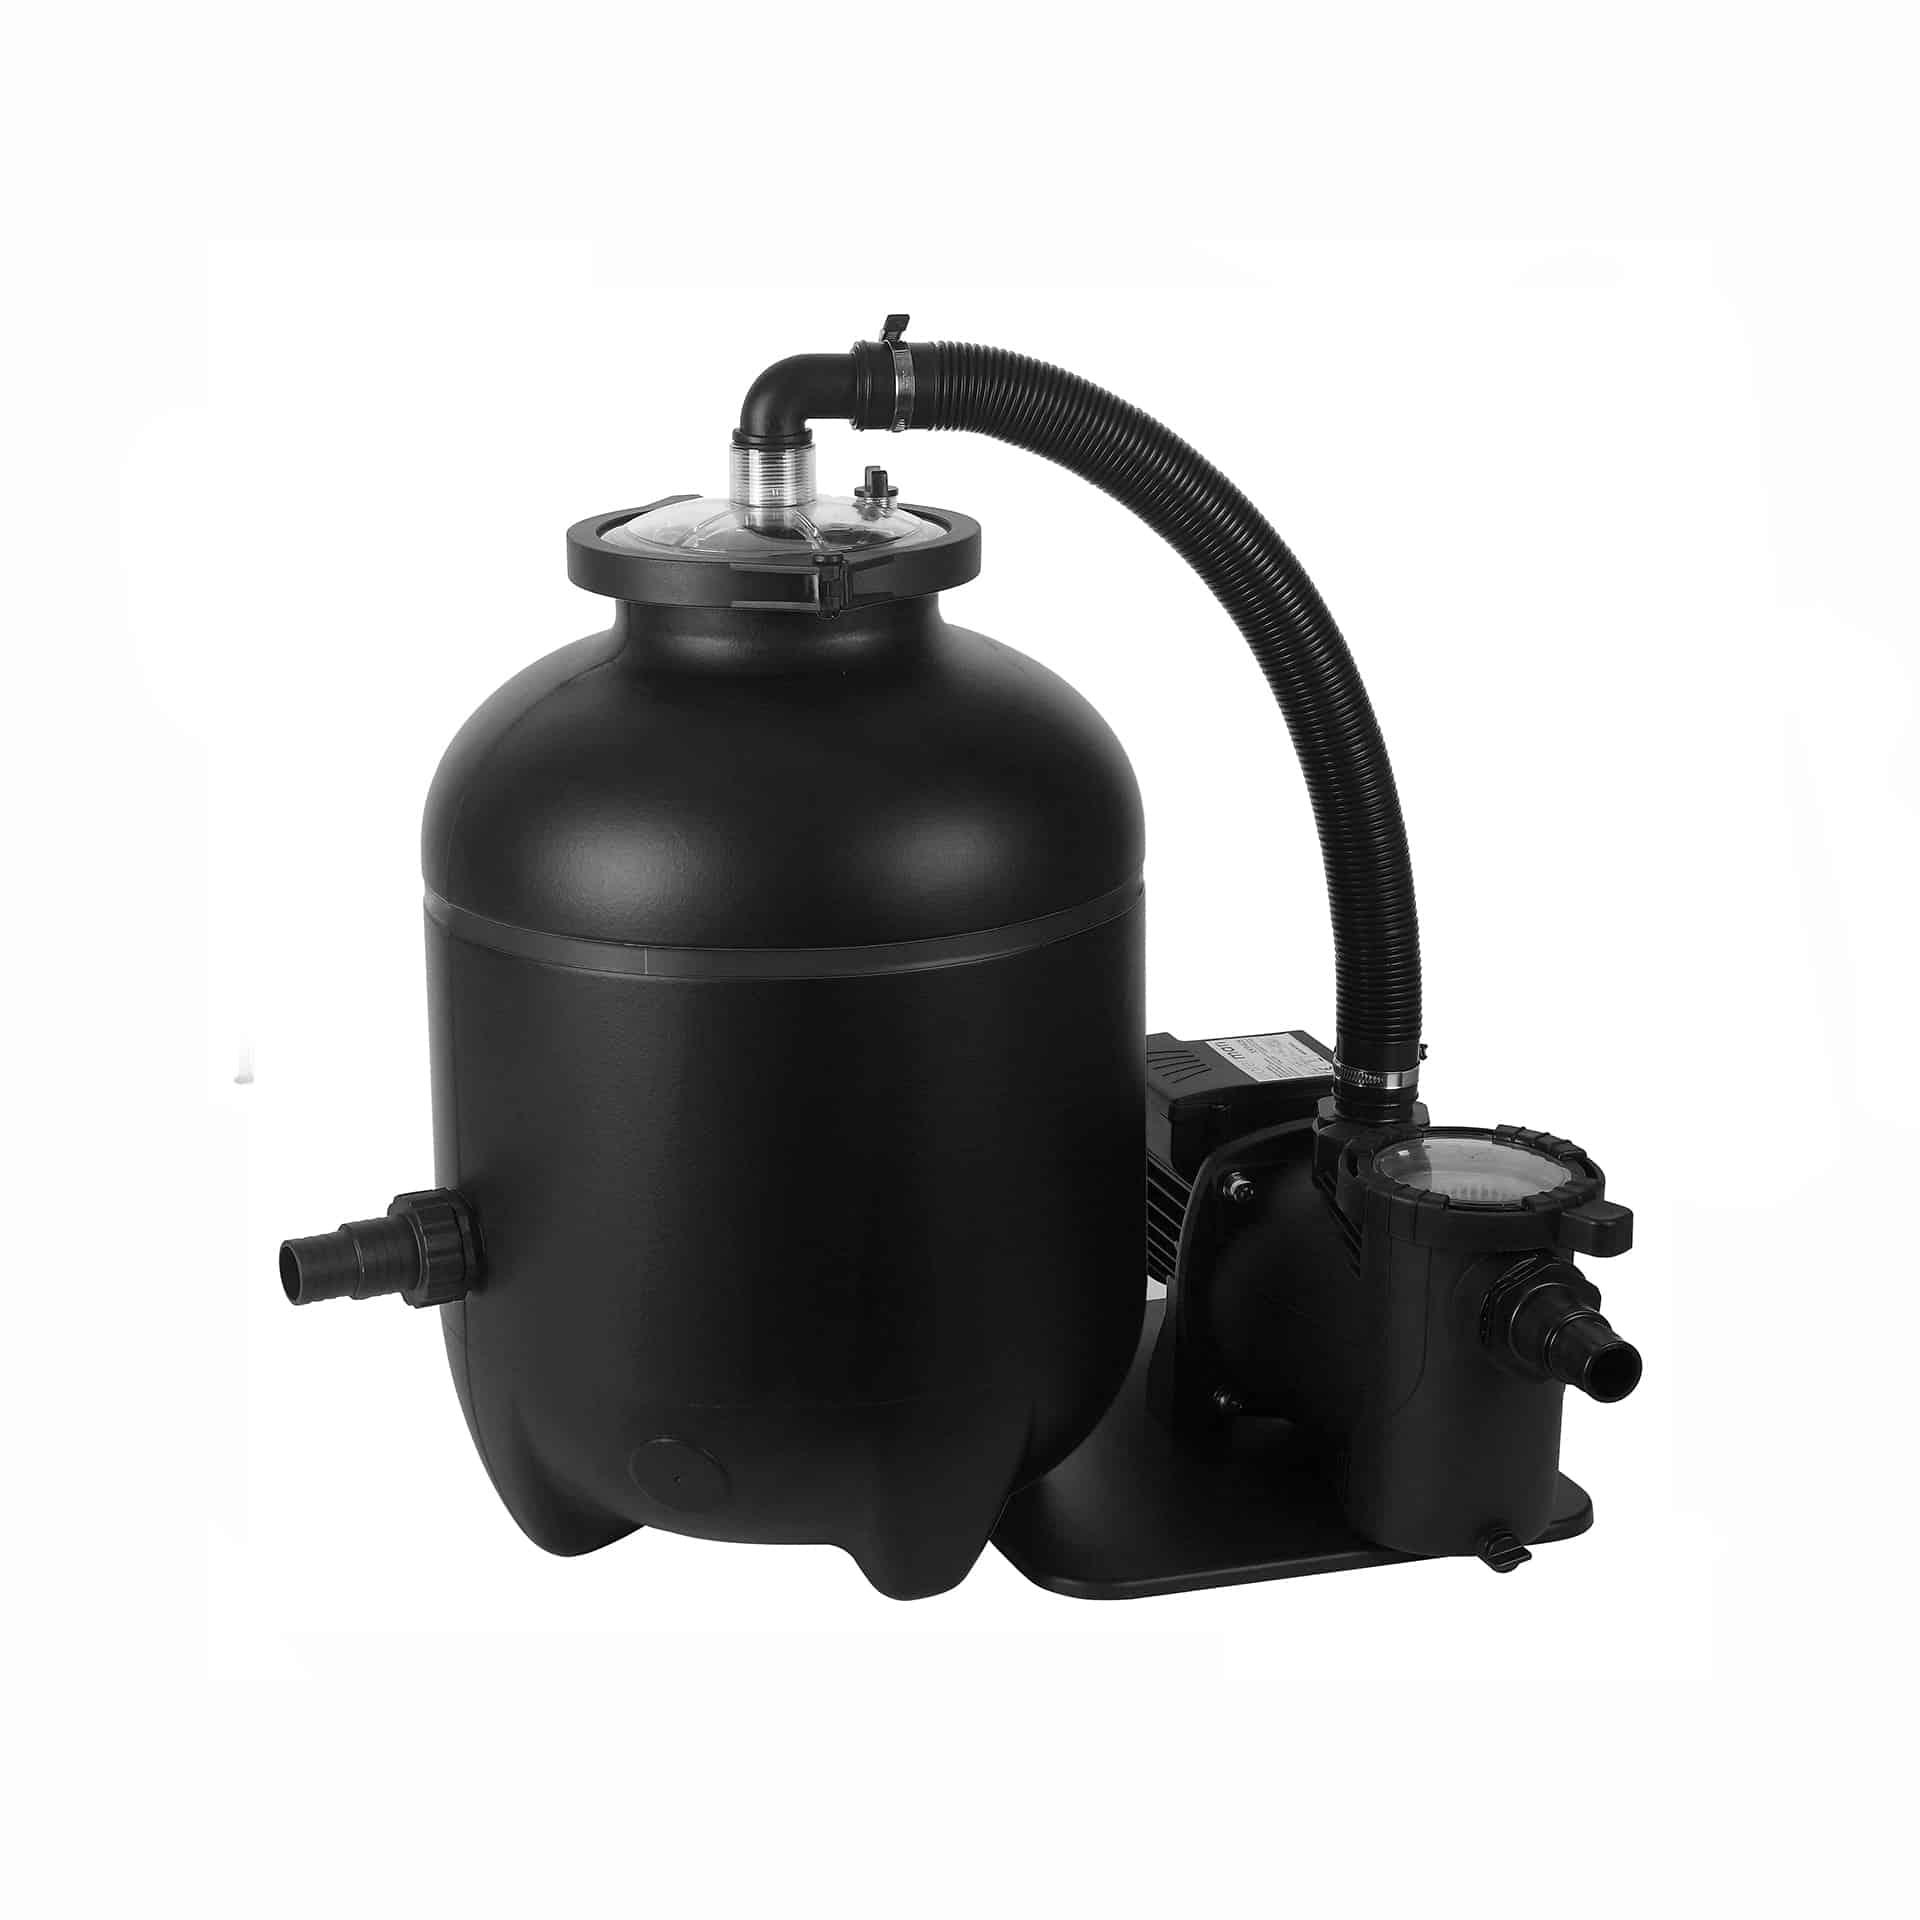 Filterballs Sirkulasjonspumpe 300W